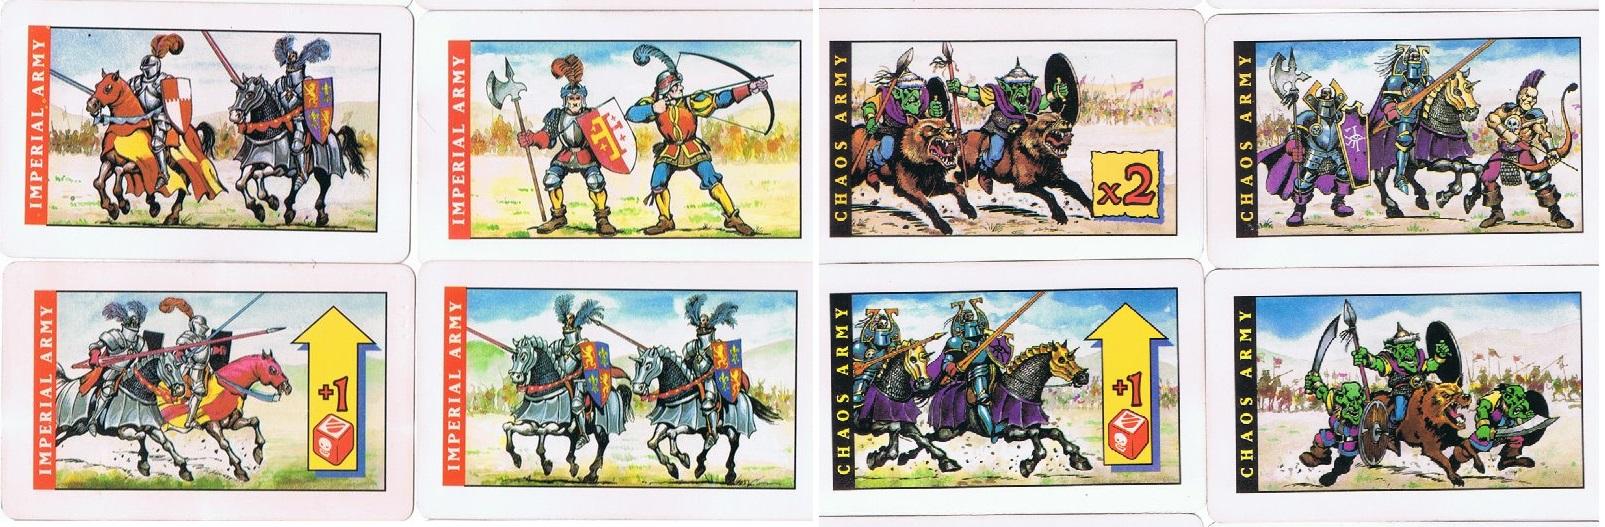 Battle Master Battle Cards